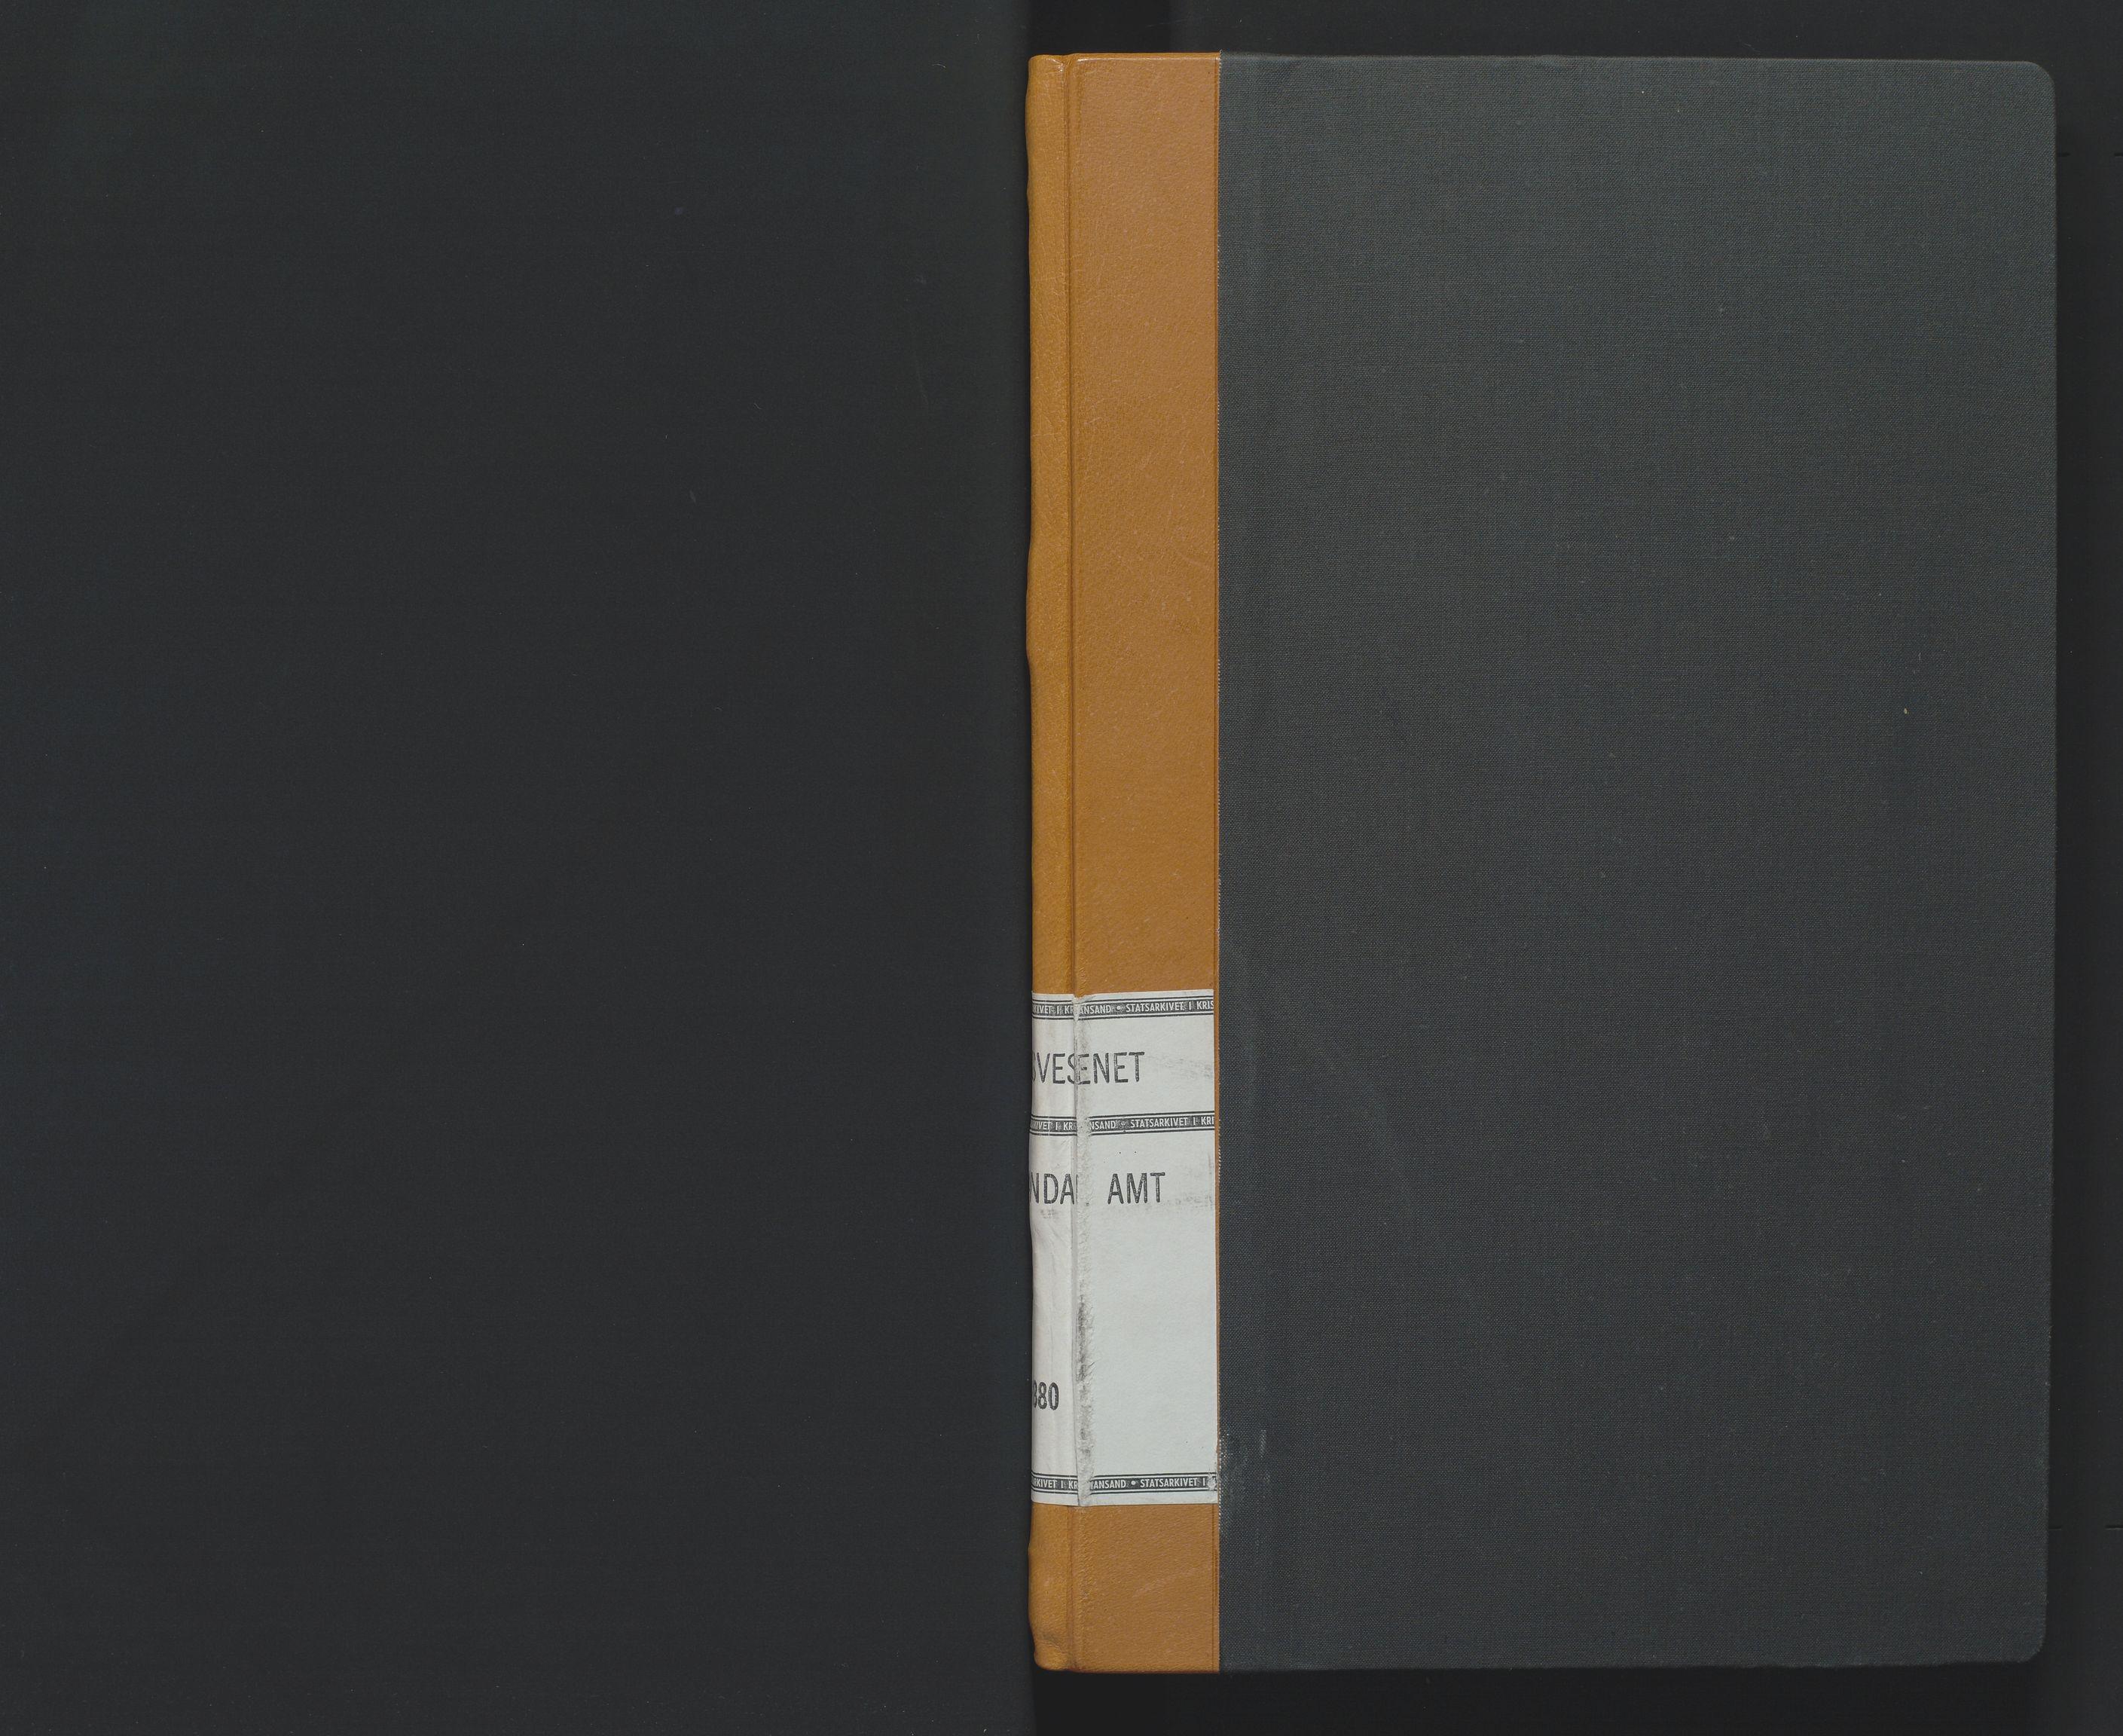 SAK, Utskiftningsformannen i Lister og Mandal amt, F/Fa/Faa/L0005: Utskiftningsprotokoll med register nr 5, 1863-1880